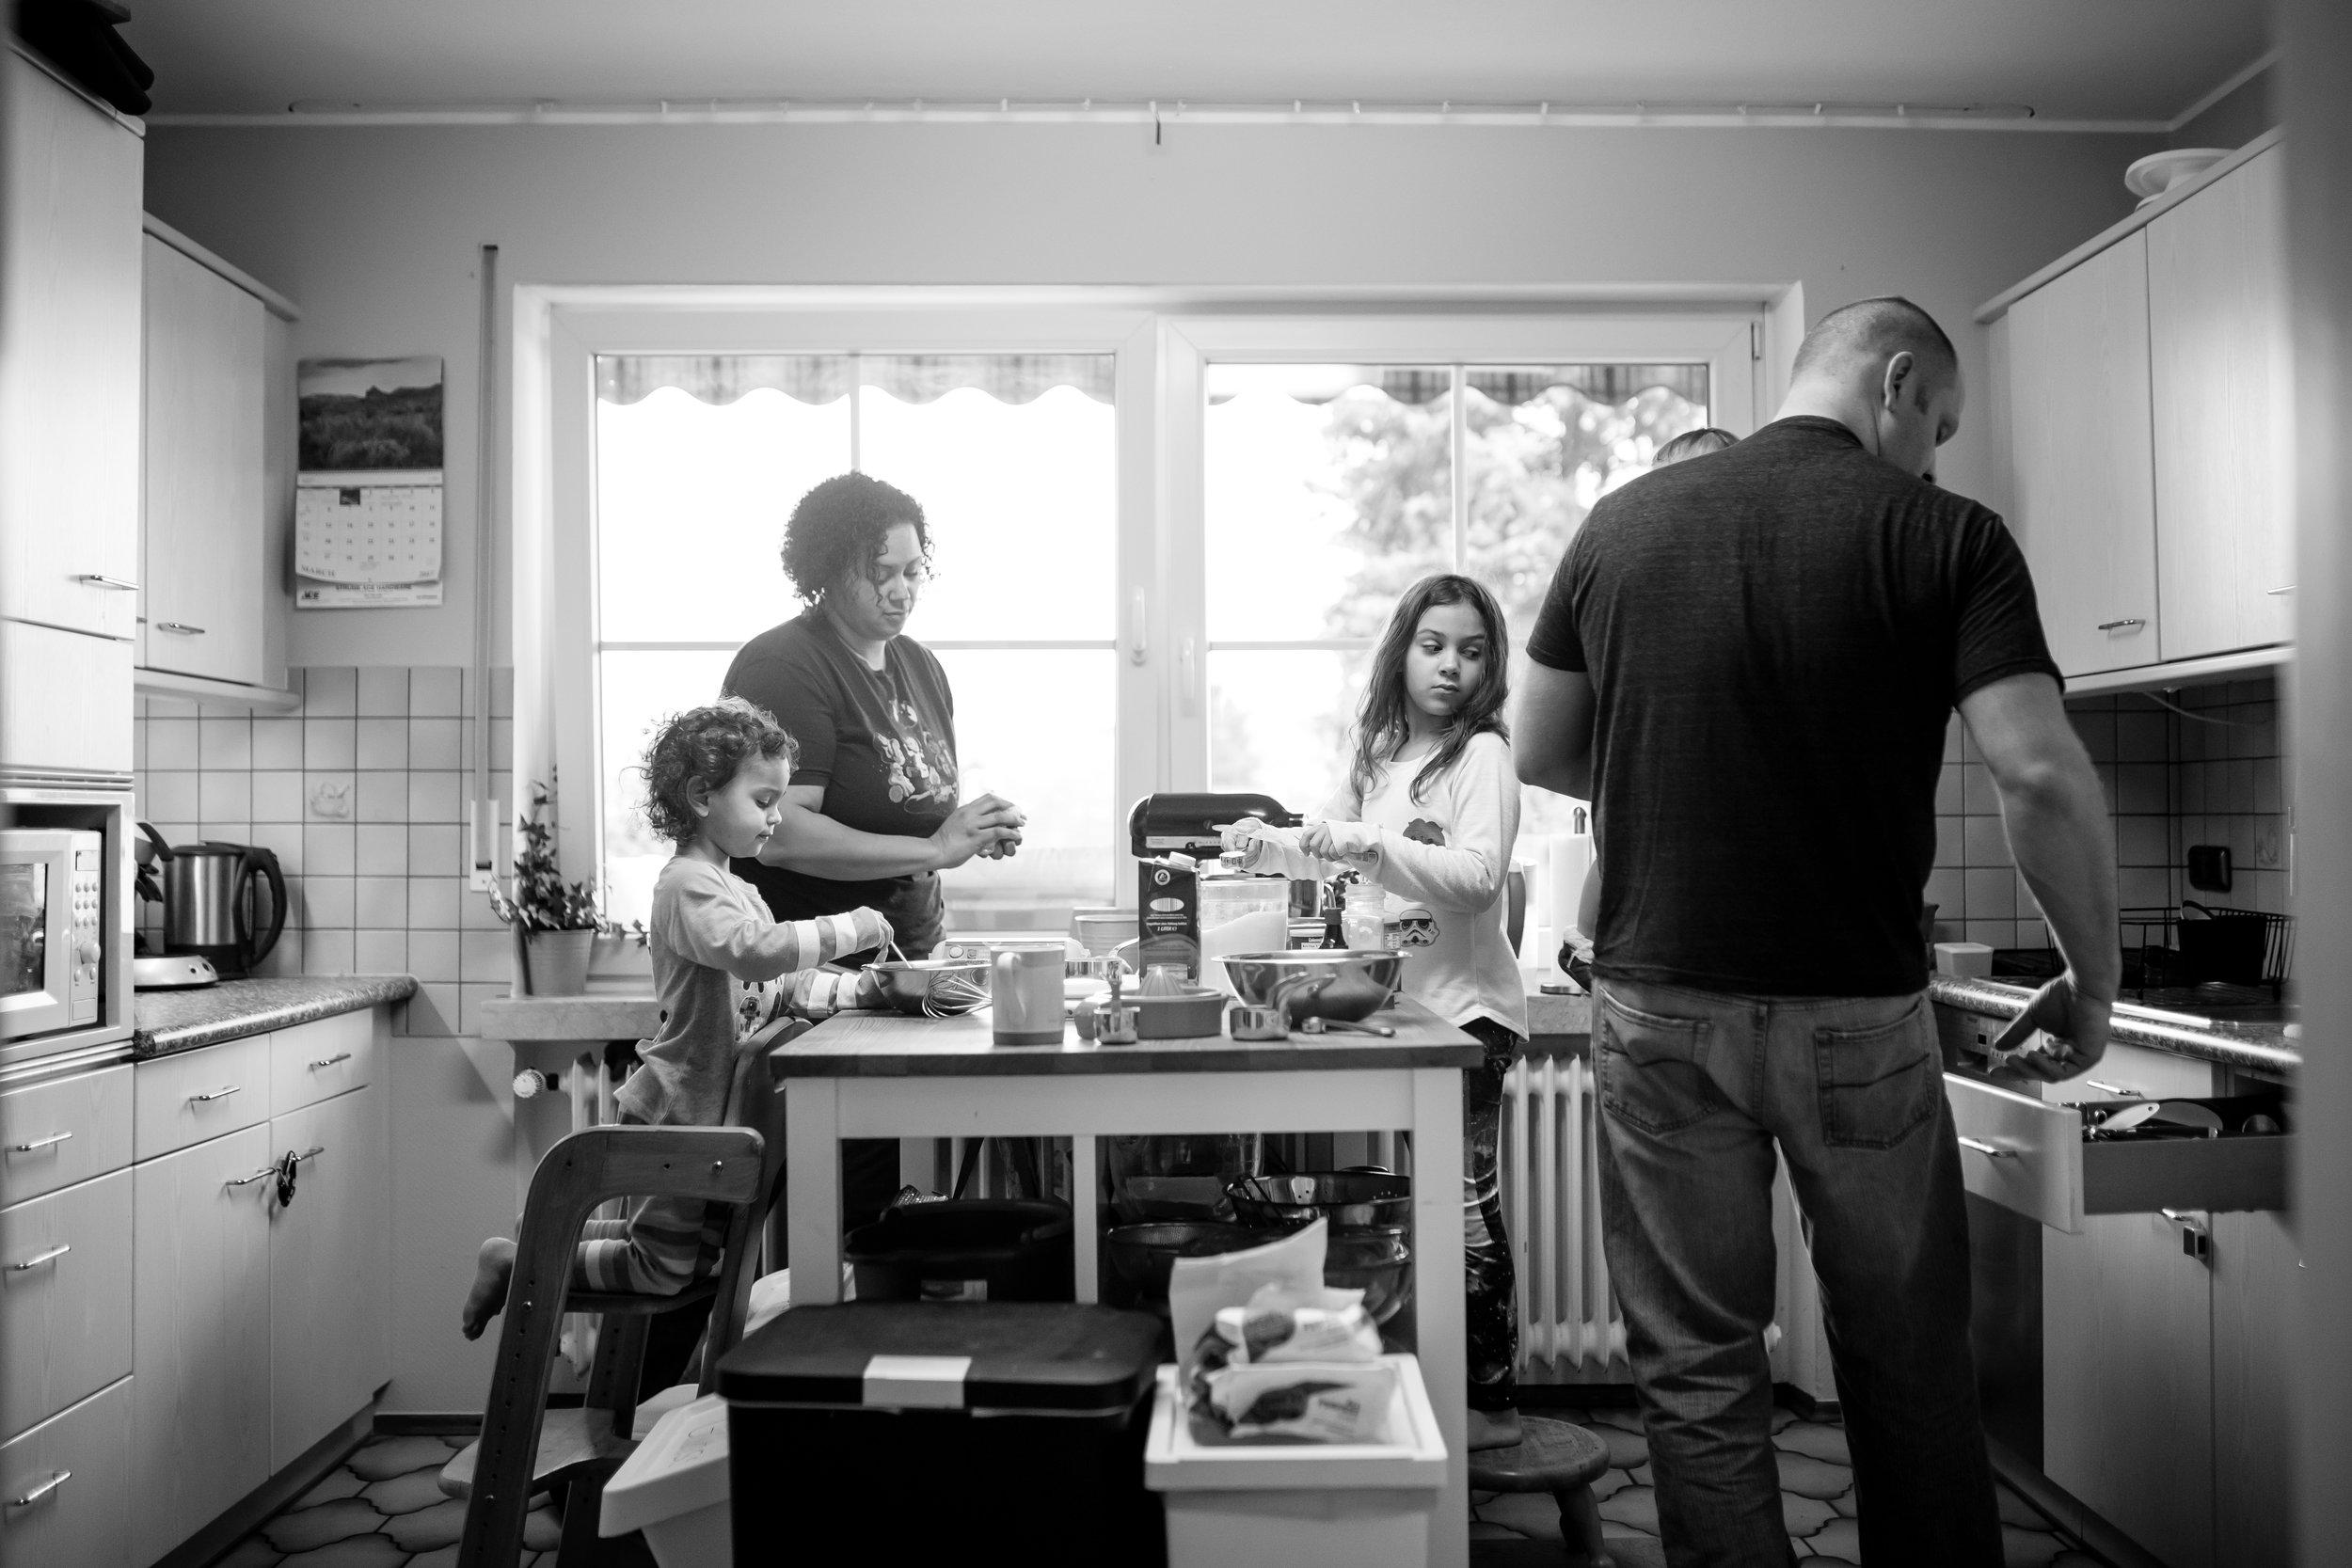 Family makes pancakes in kitchen